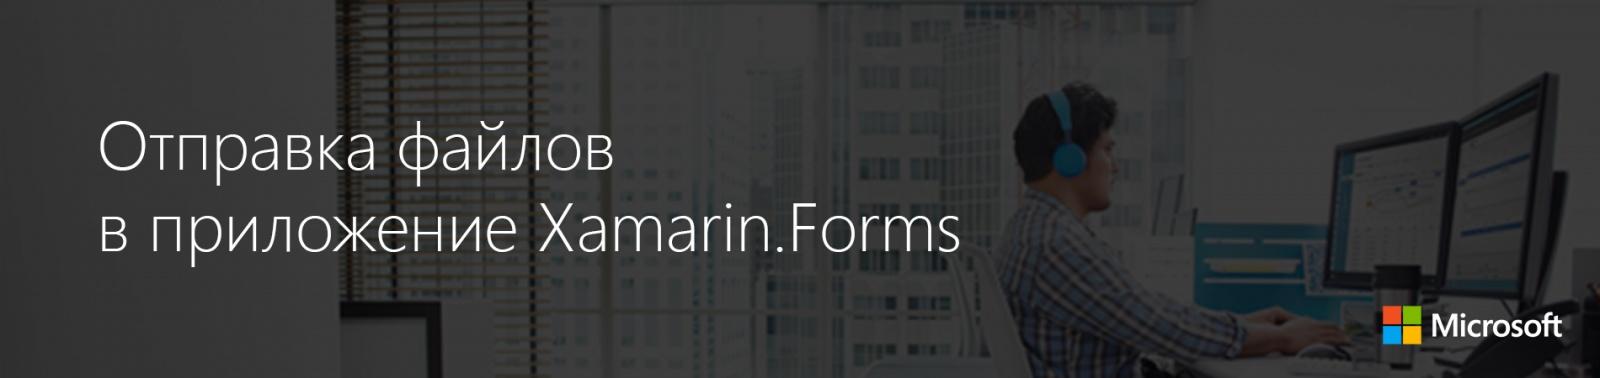 Отправка файлов в приложение Xamarin.Forms. Часть 2 - 1